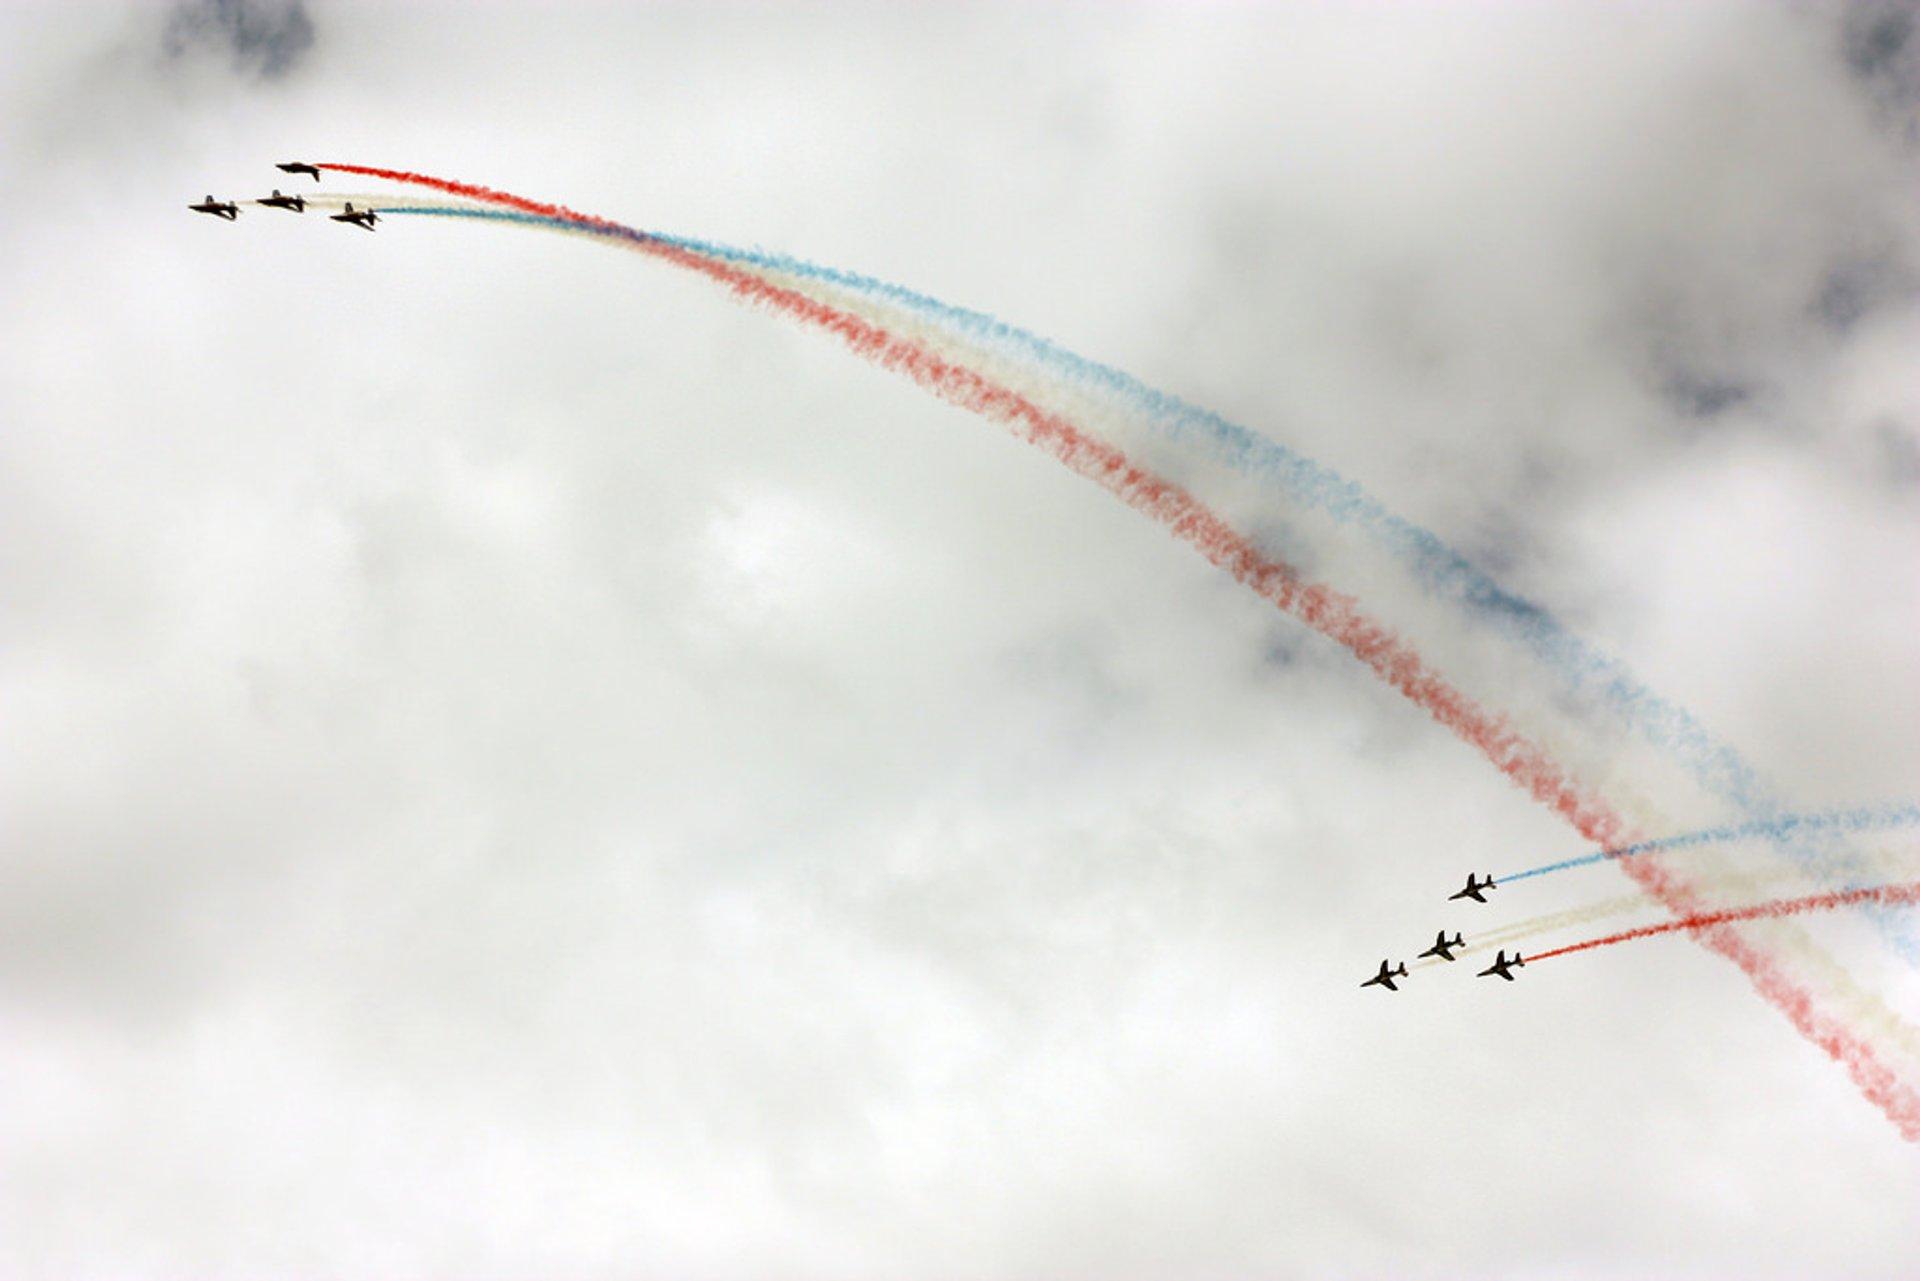 Best time for International Paris Air Show Le Bourget in Paris 2020